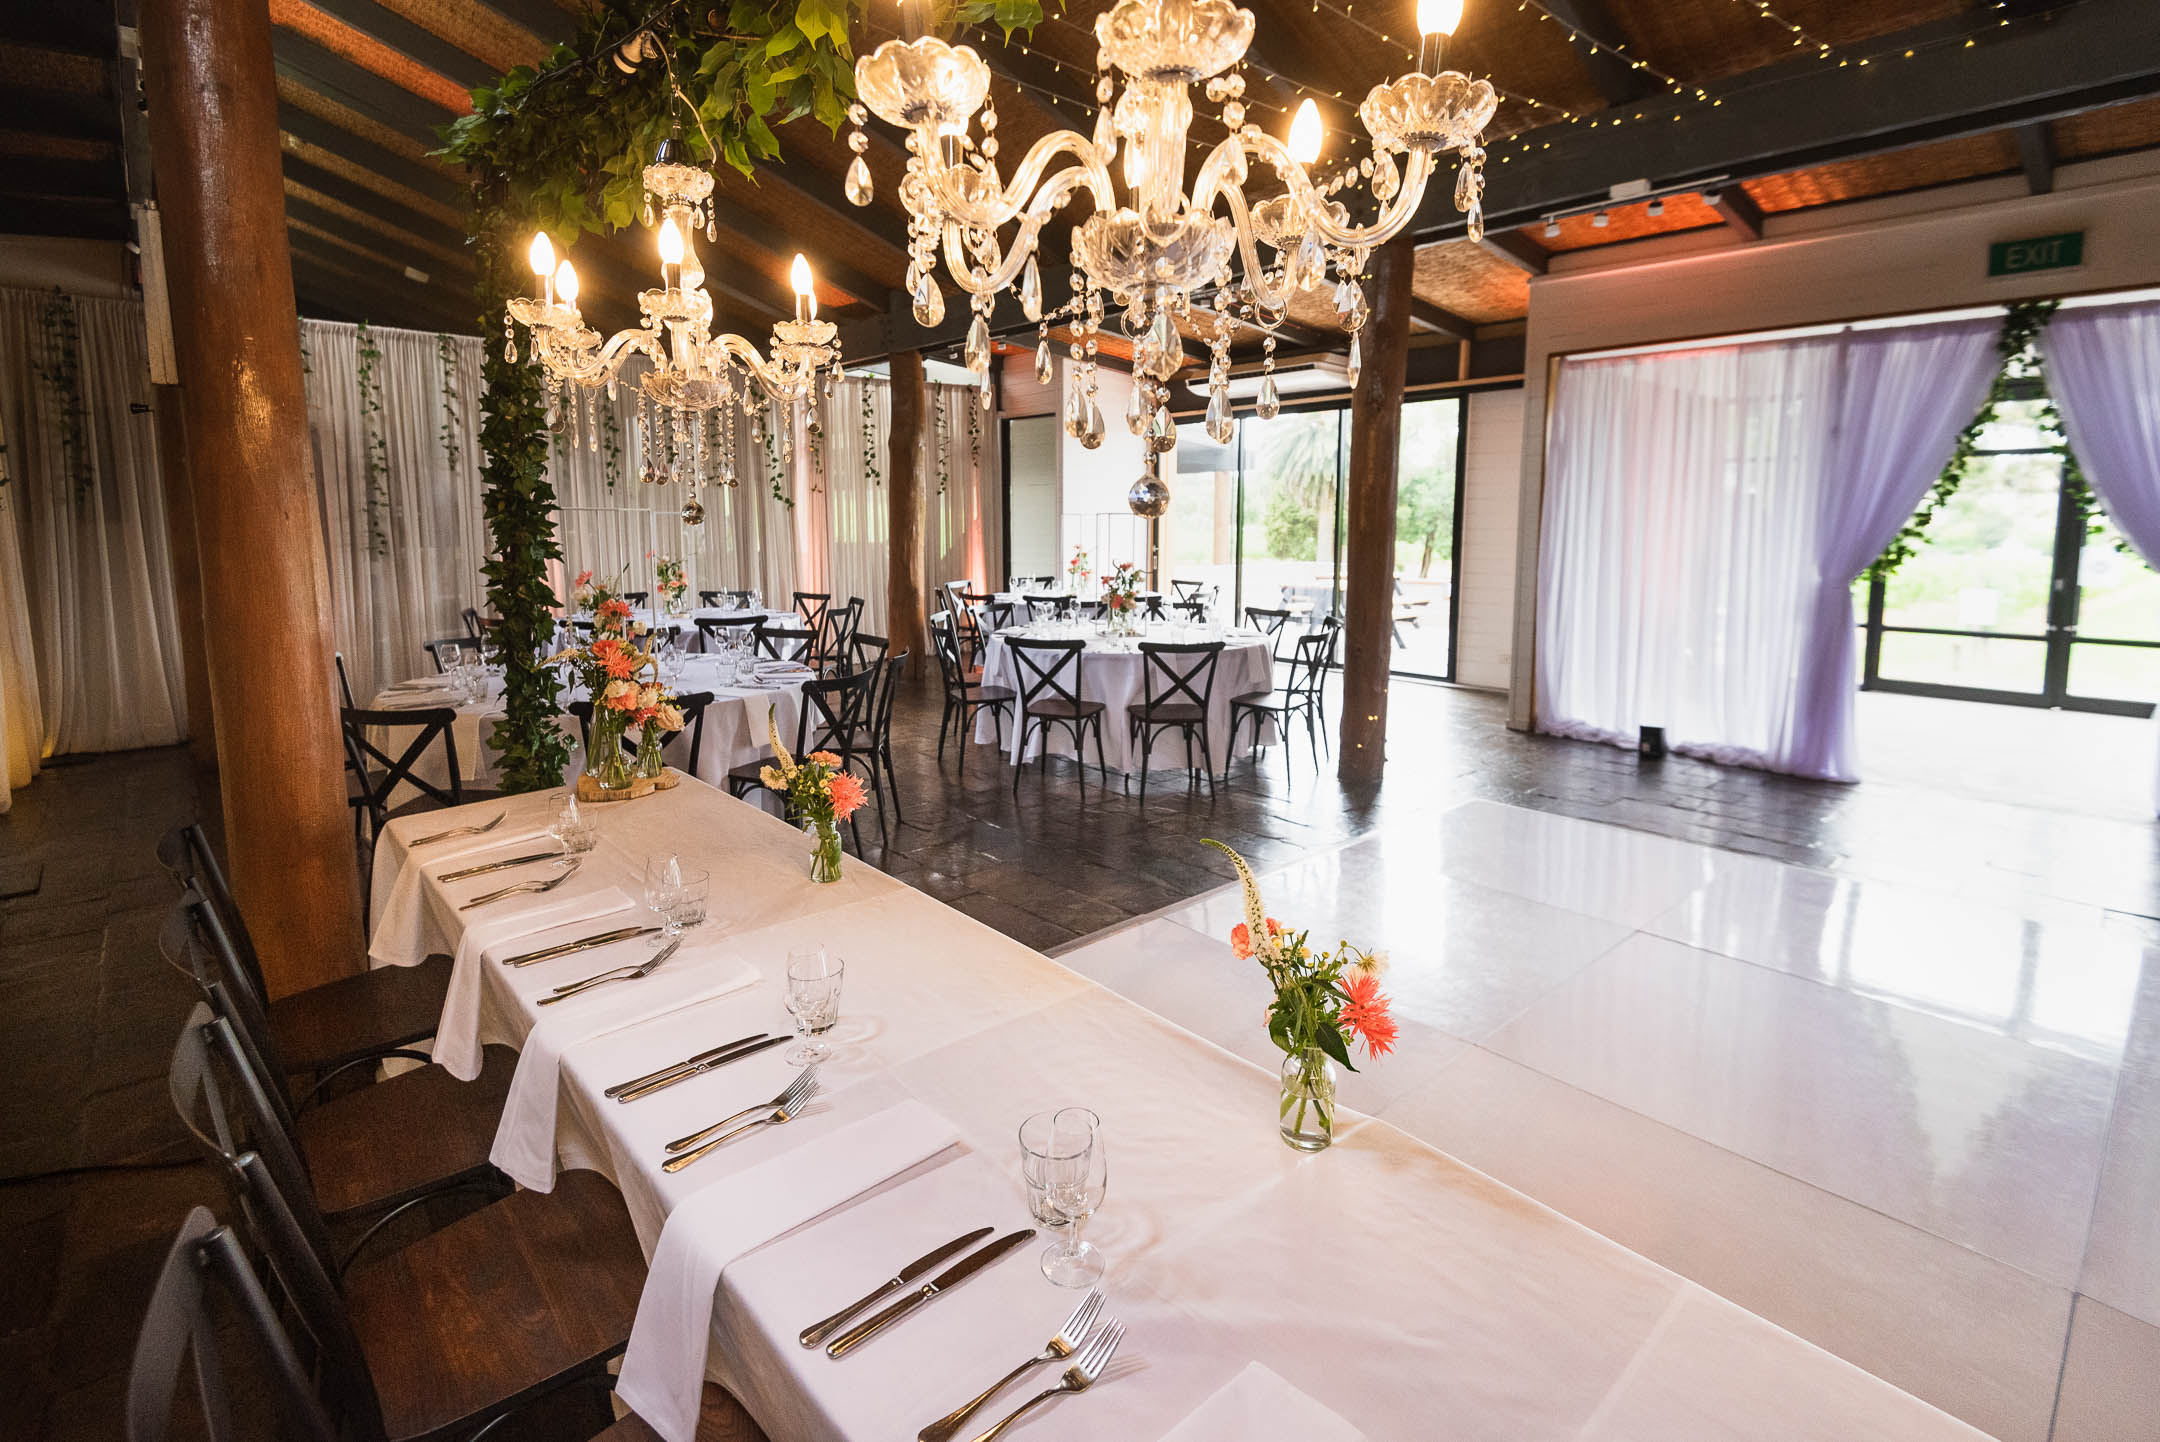 Fergusson winery weddings